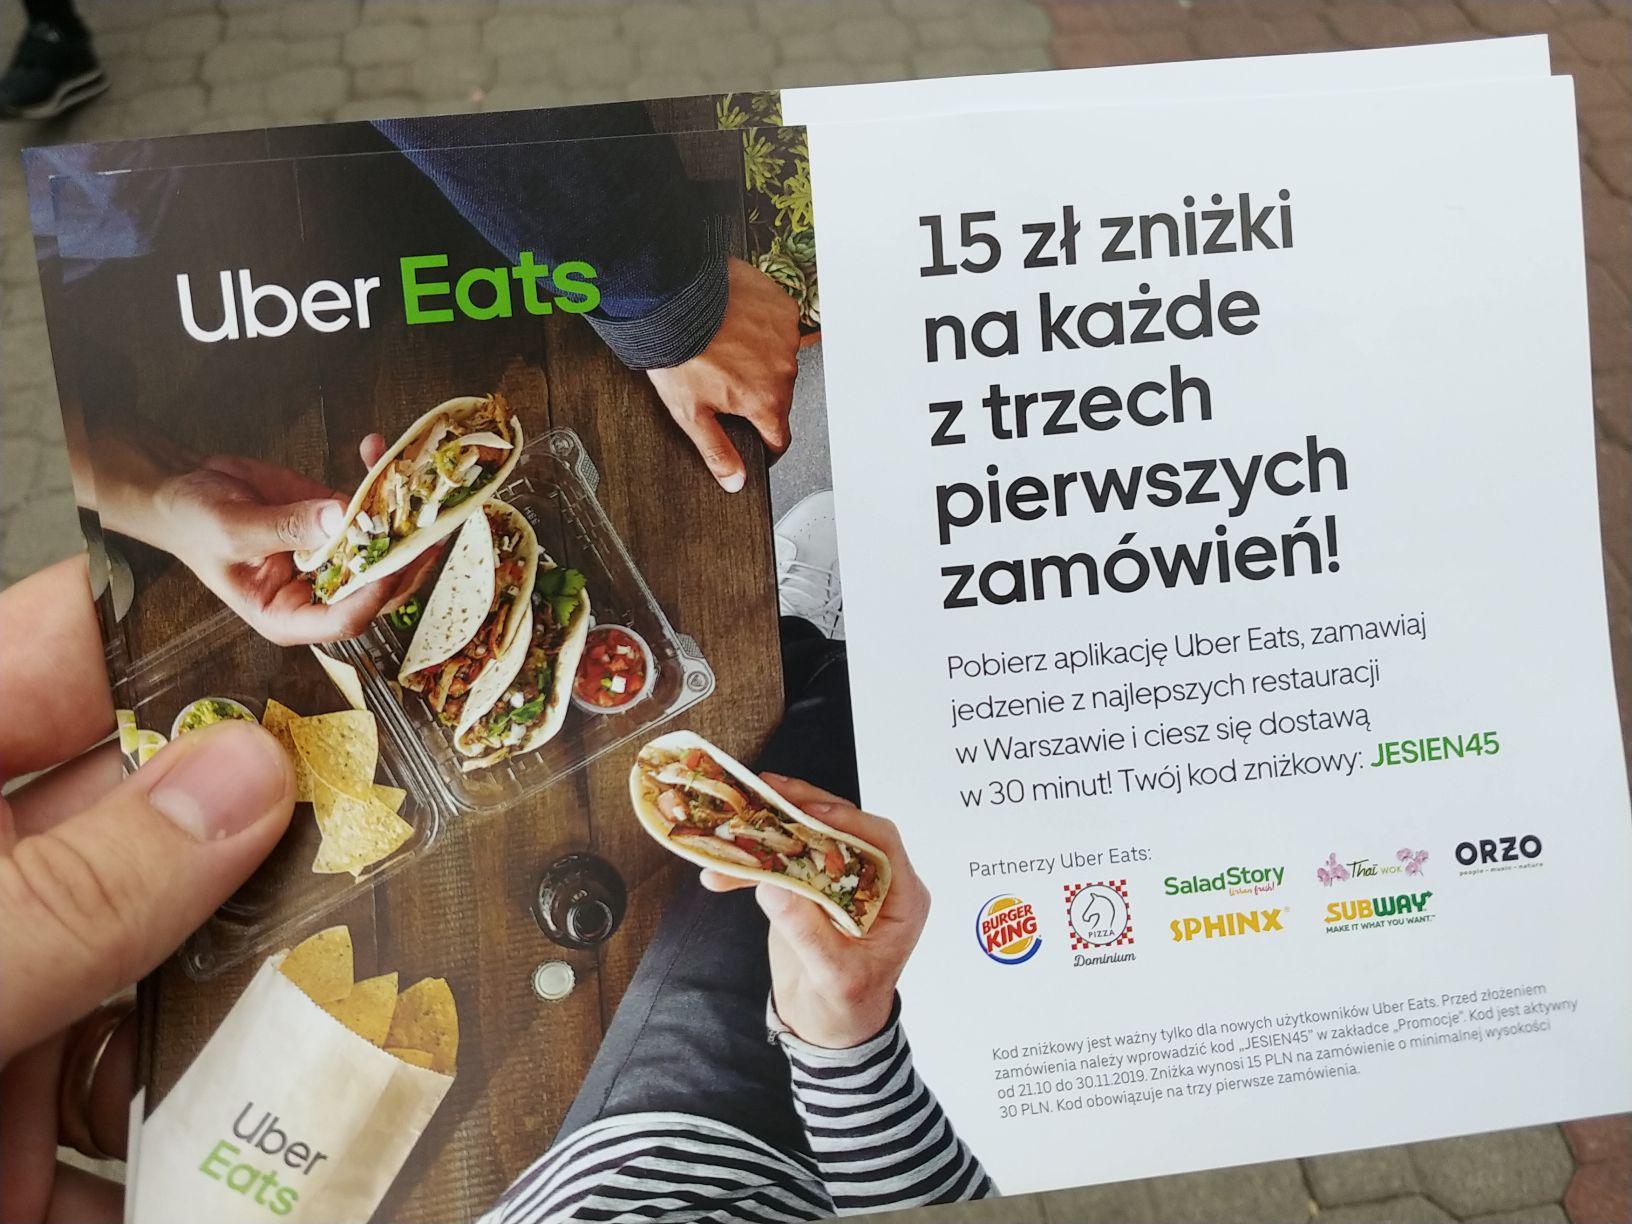 Uber Eats - 15 zł zniżki na każde z trzech zamówień - dla nowych - Warszawa